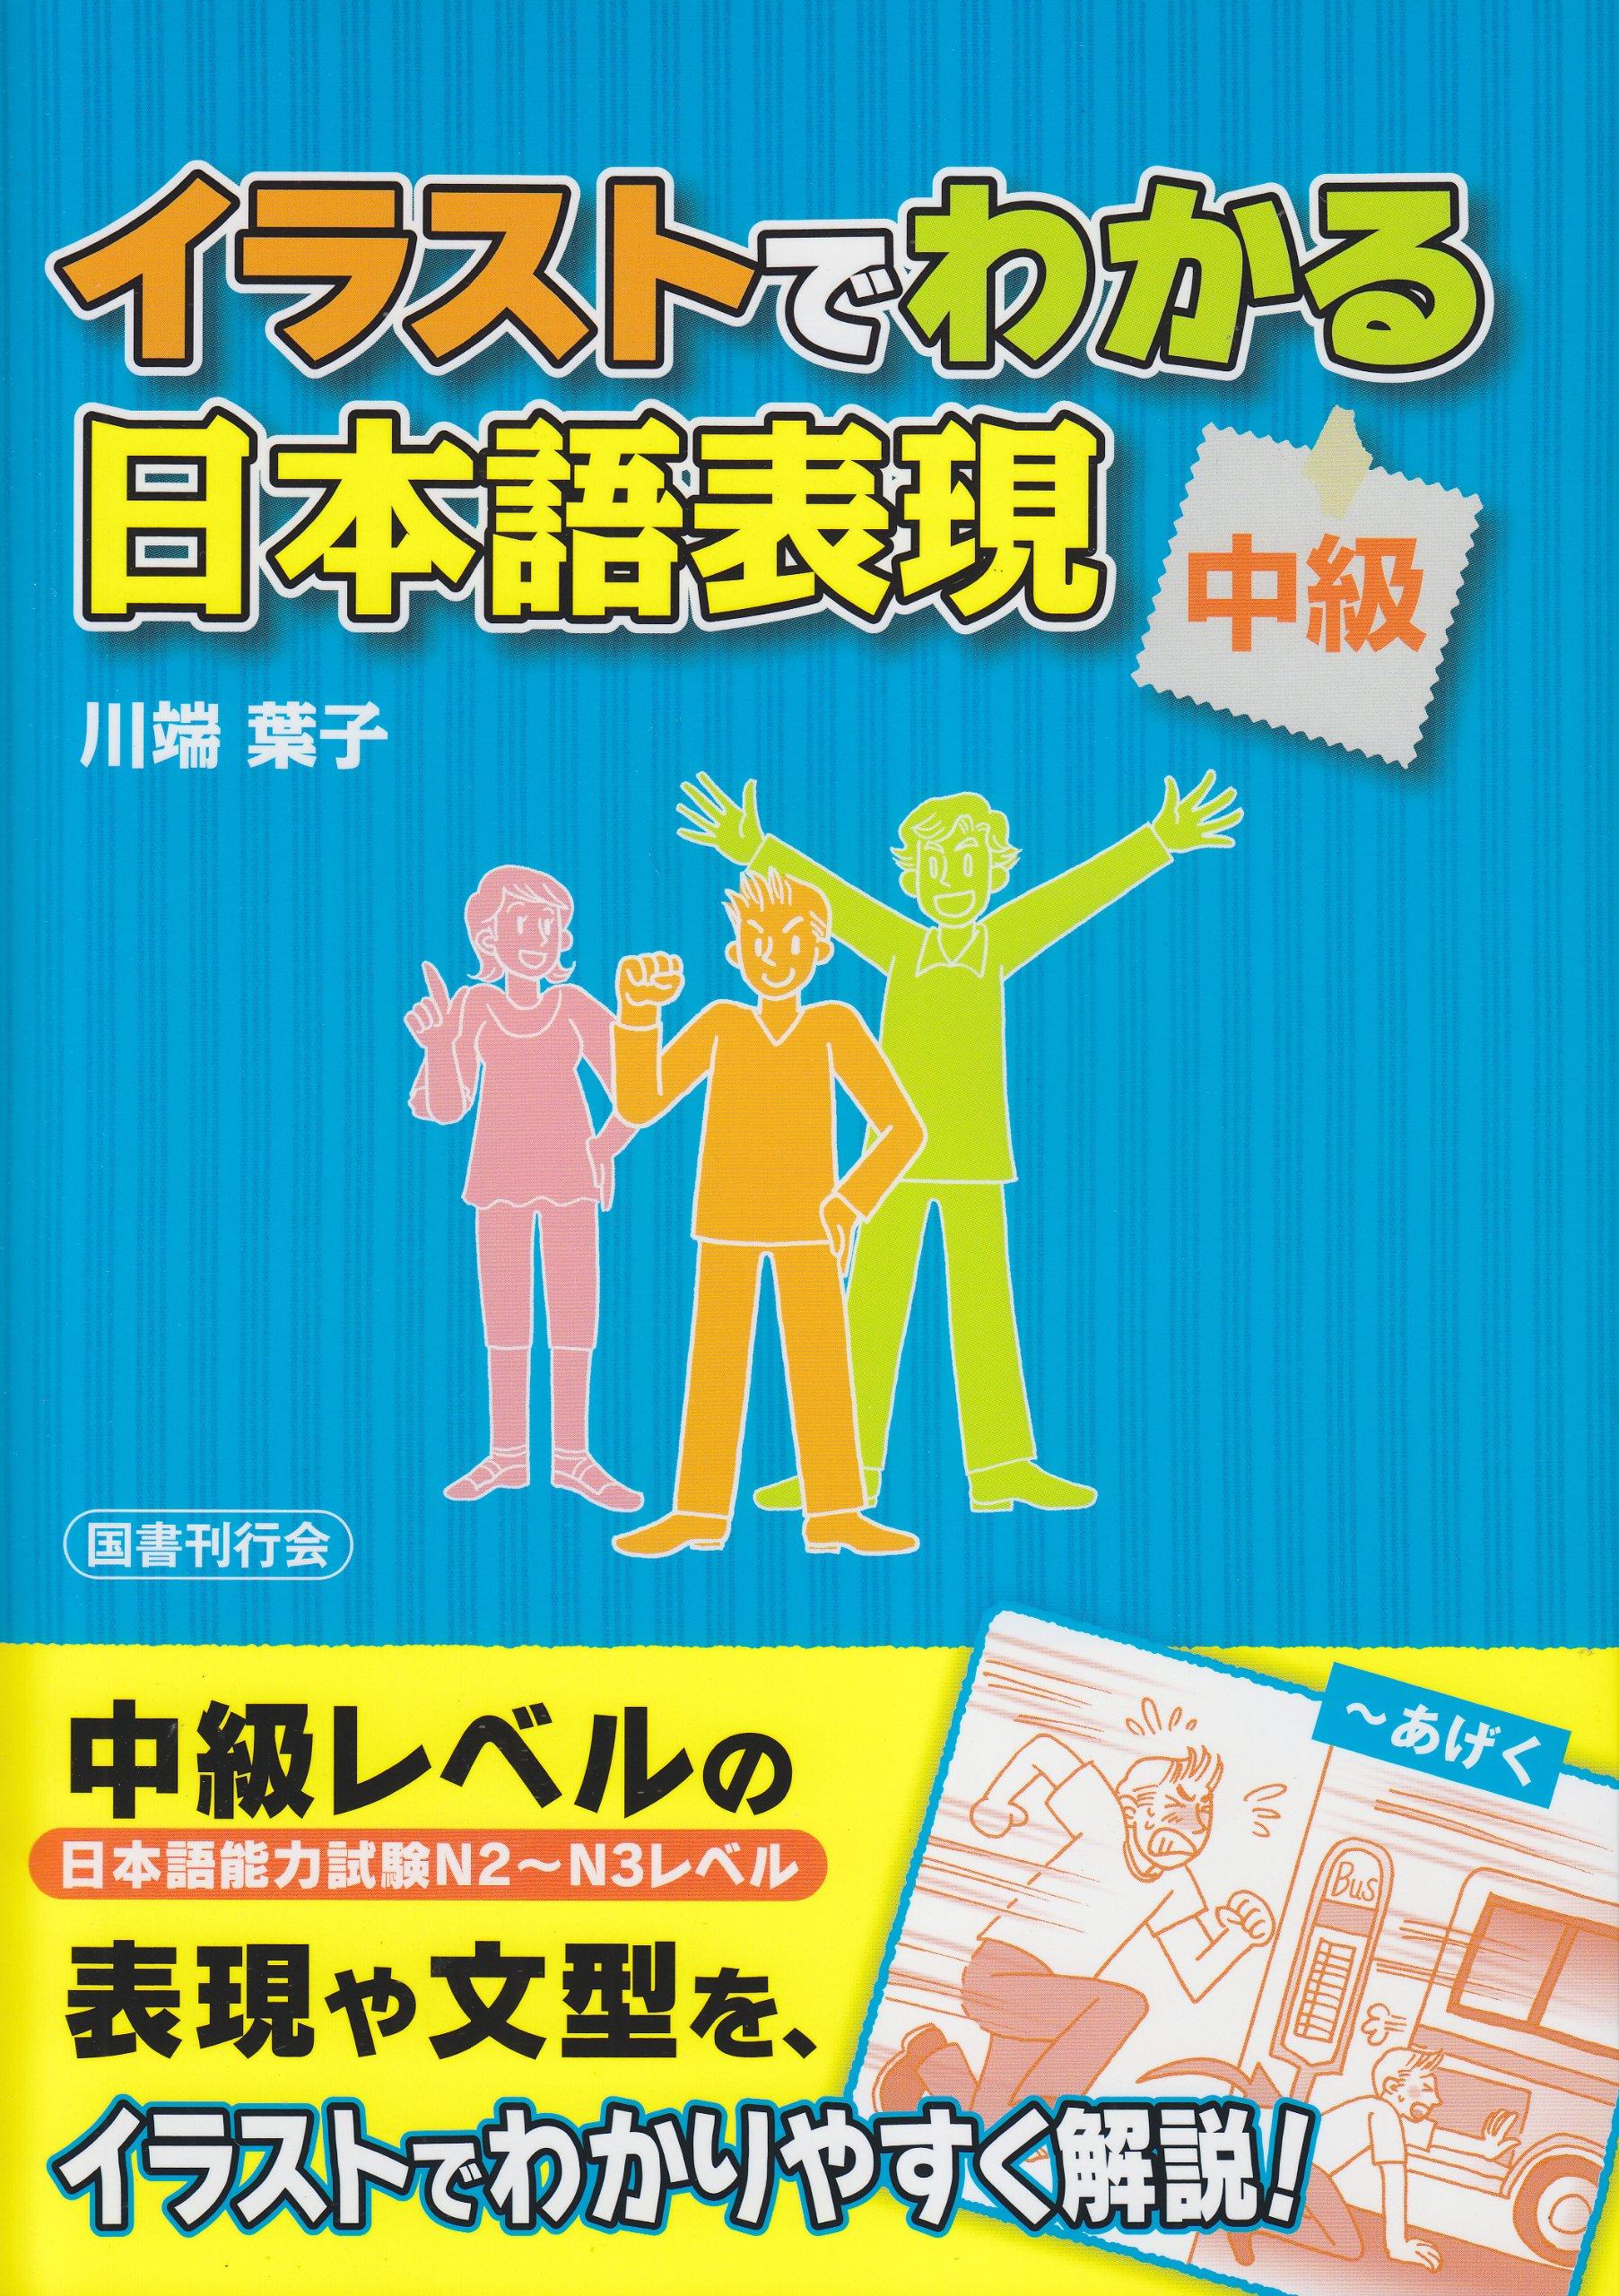 イラストでわかる日本語表現中級 川端 葉子 本 通販 Amazon